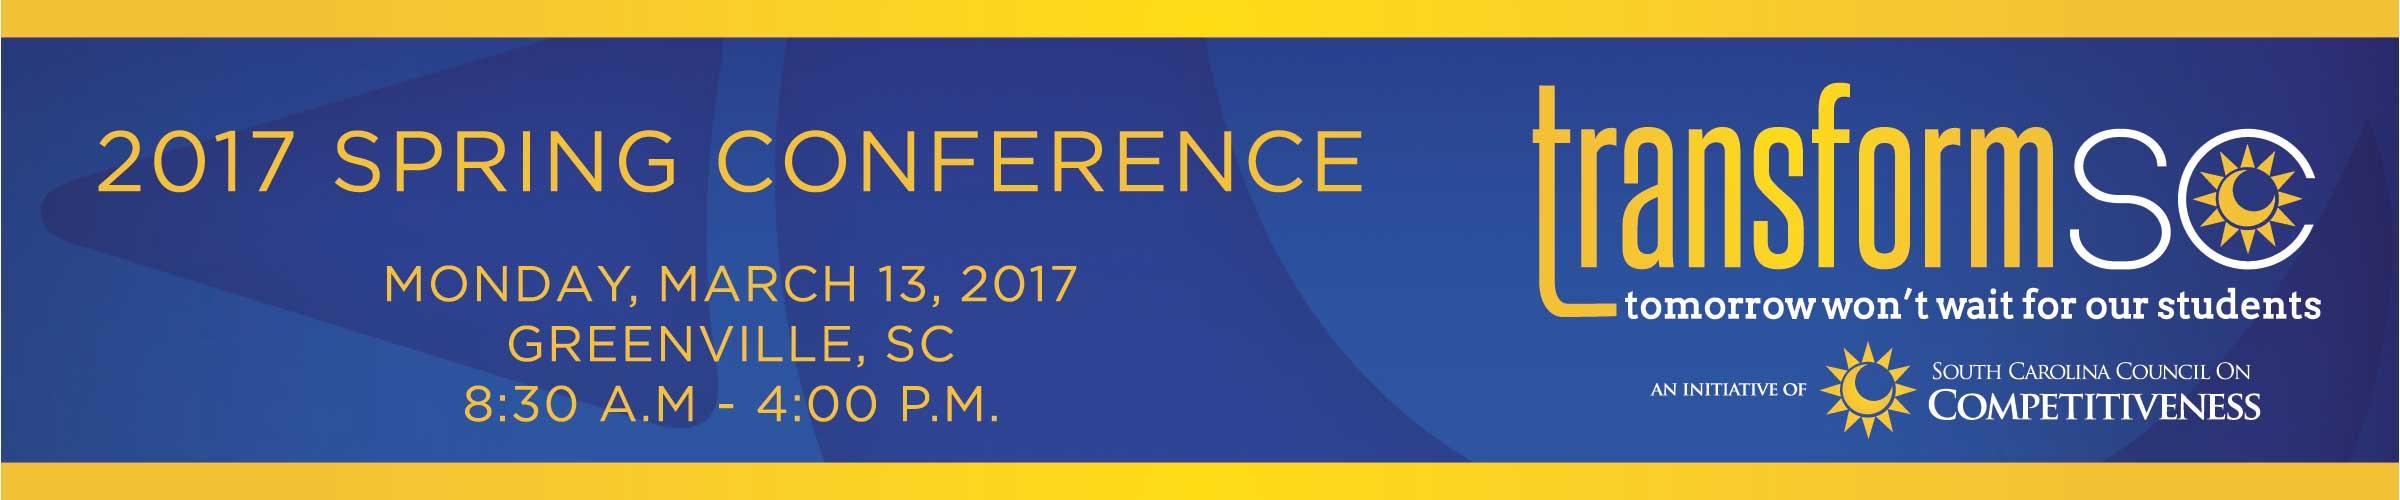 trsc-2017-conference-header